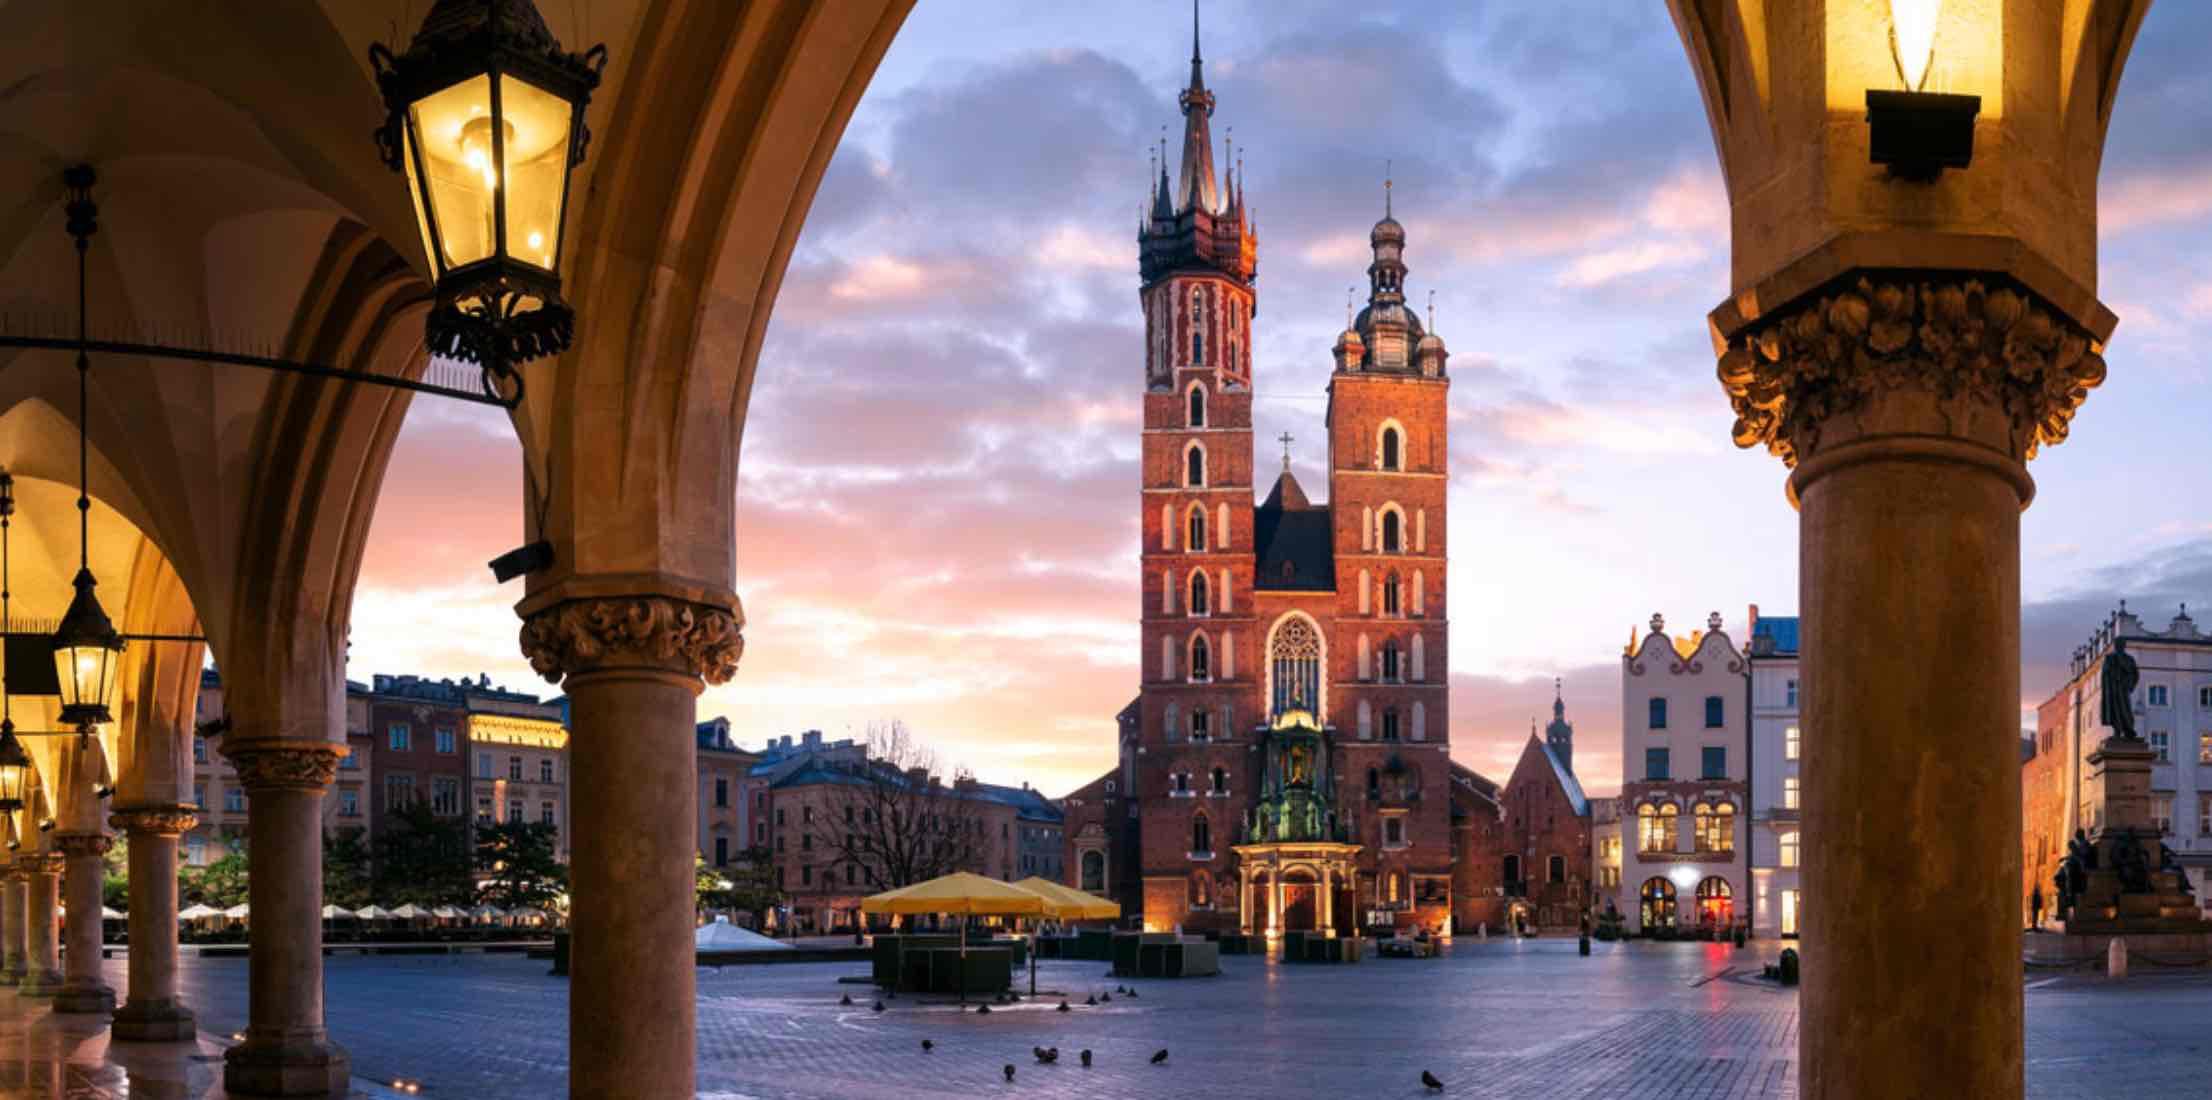 Varsovia, Polonia, Estados Unidos, Seguridad europea, OTAN